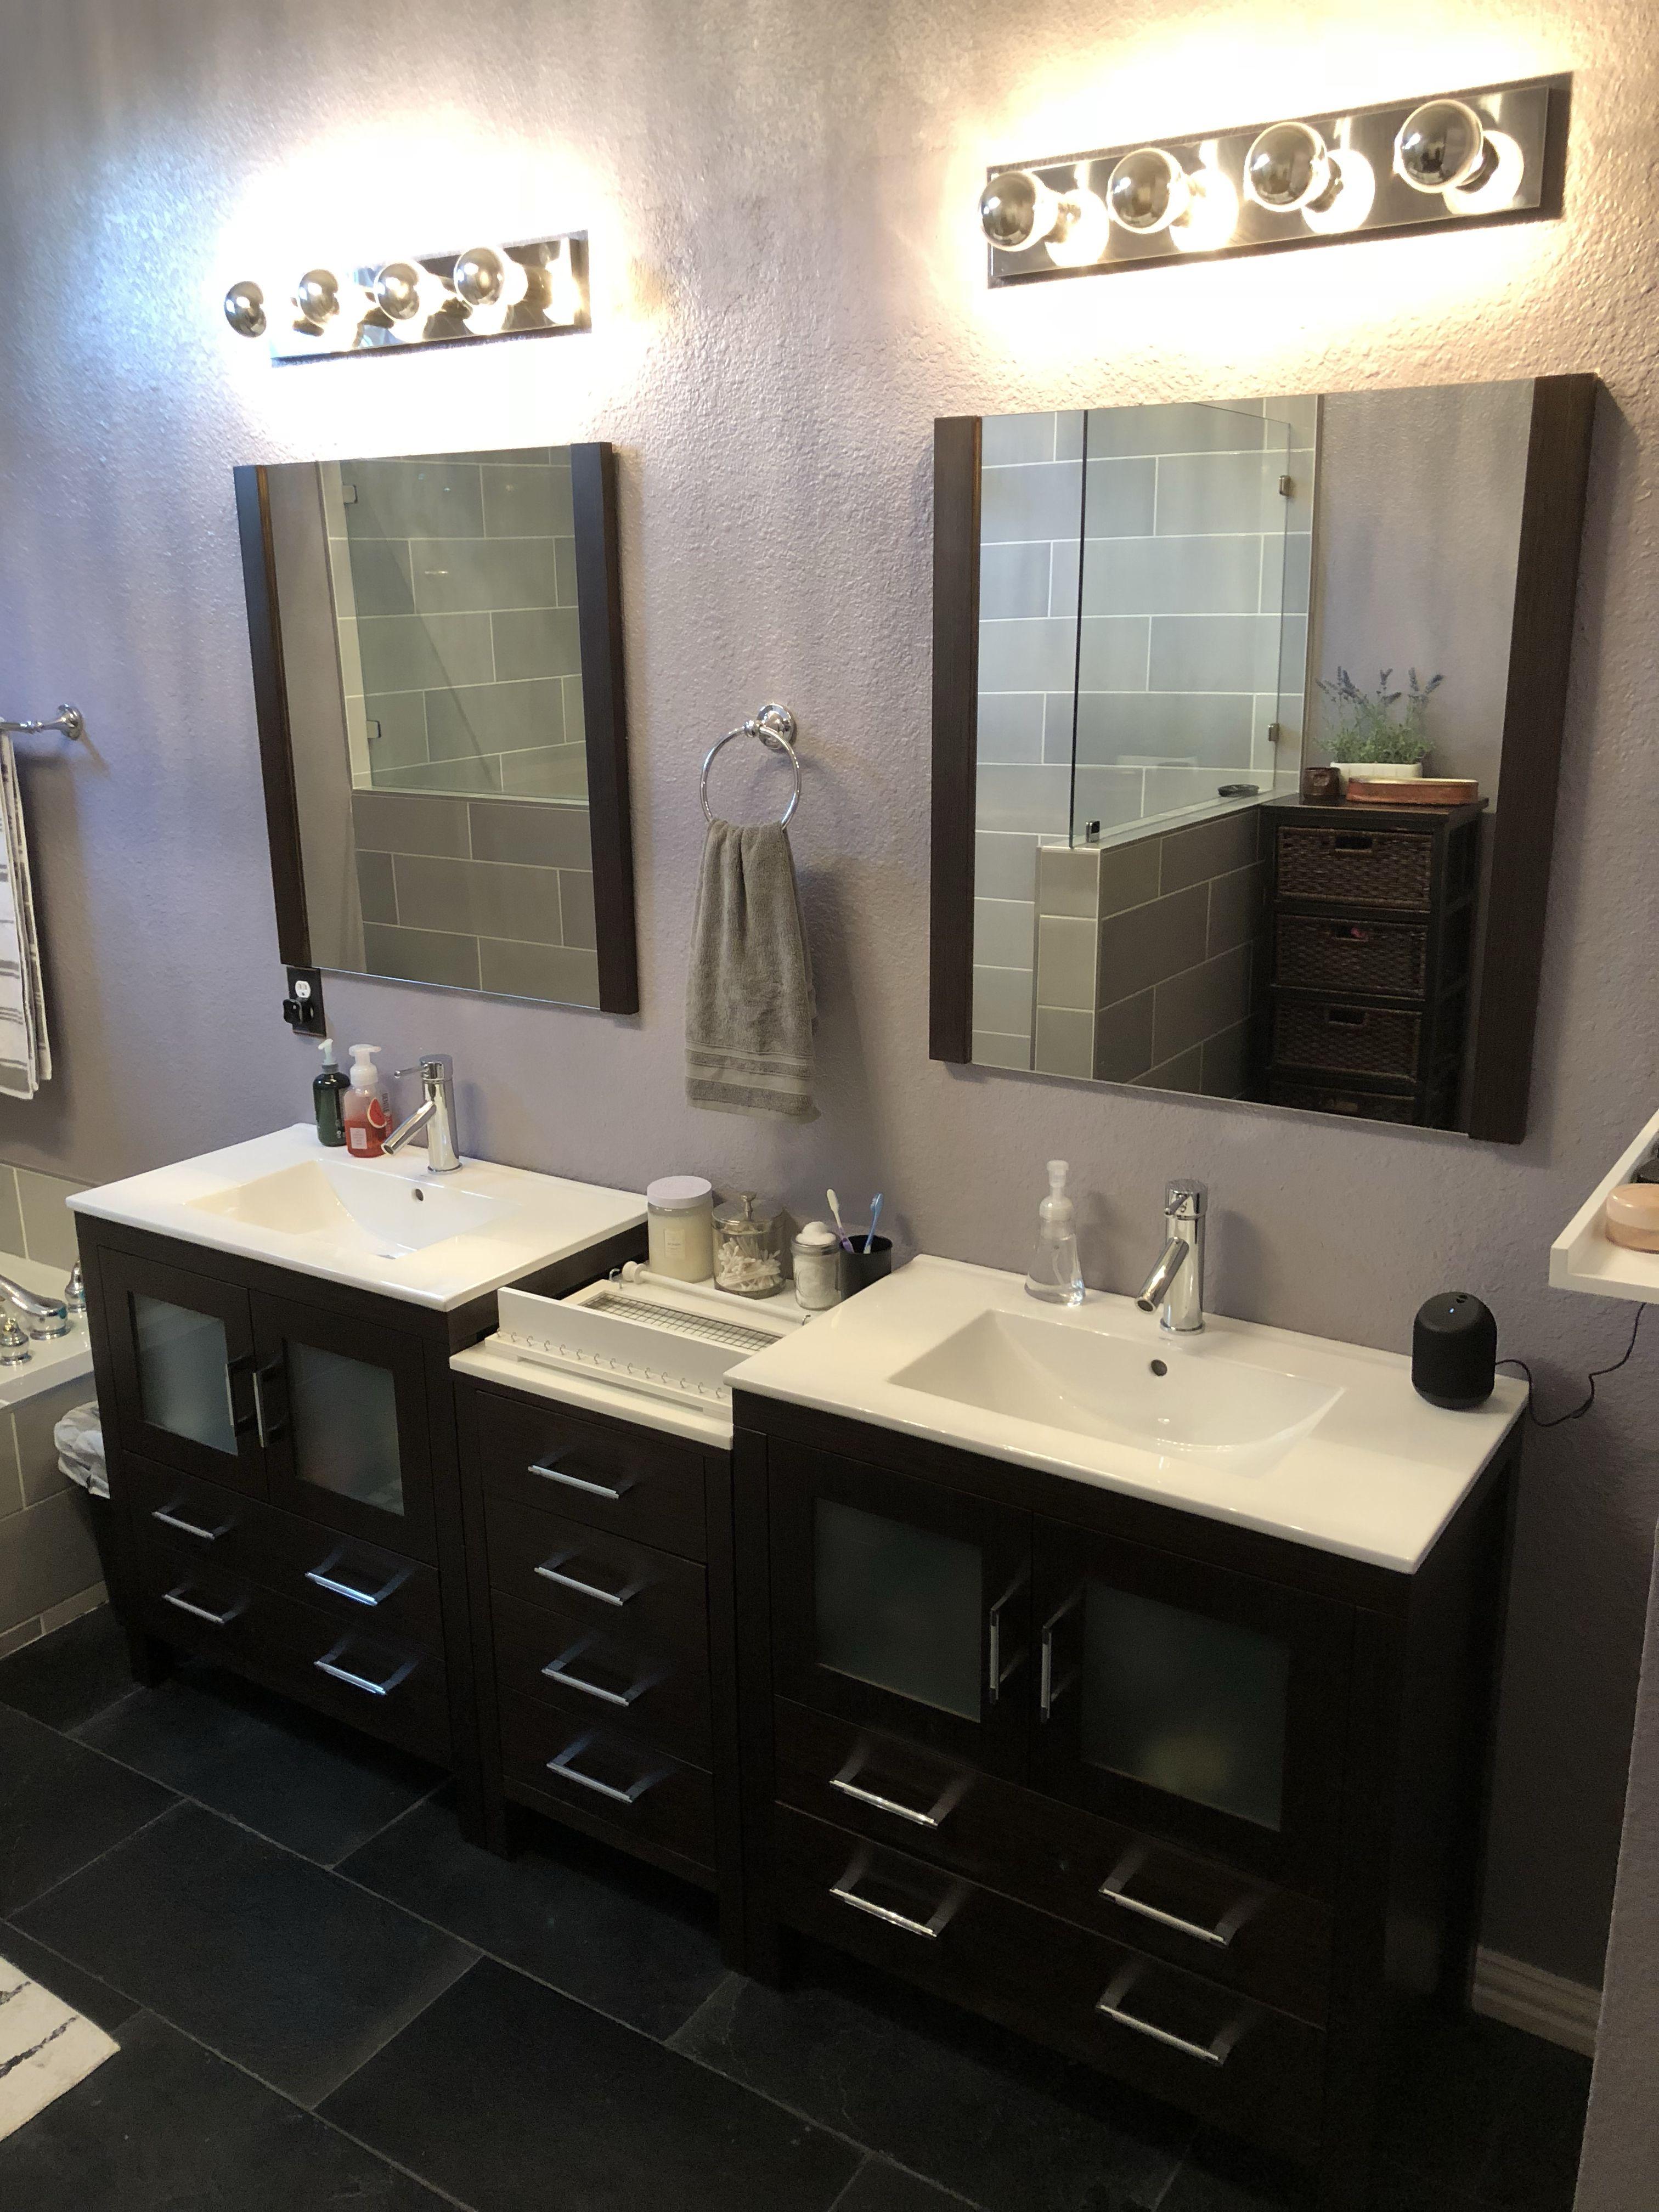 Prebuilt Espresso Color Cabinets Installed In Master Bathroom